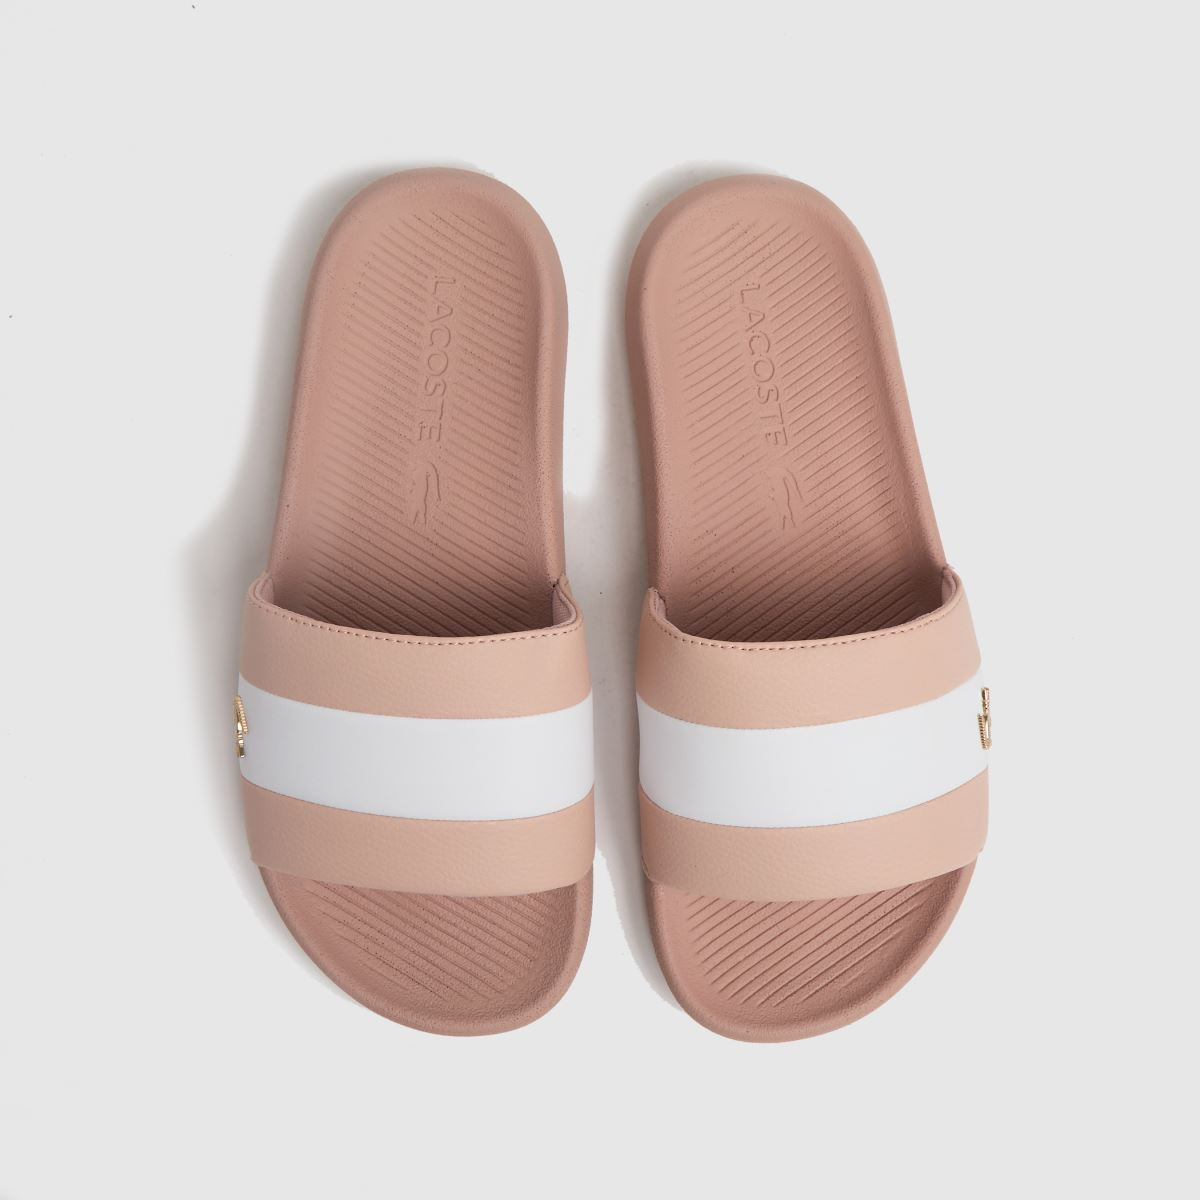 Lacoste Pale Pink Croc Slide Sandals